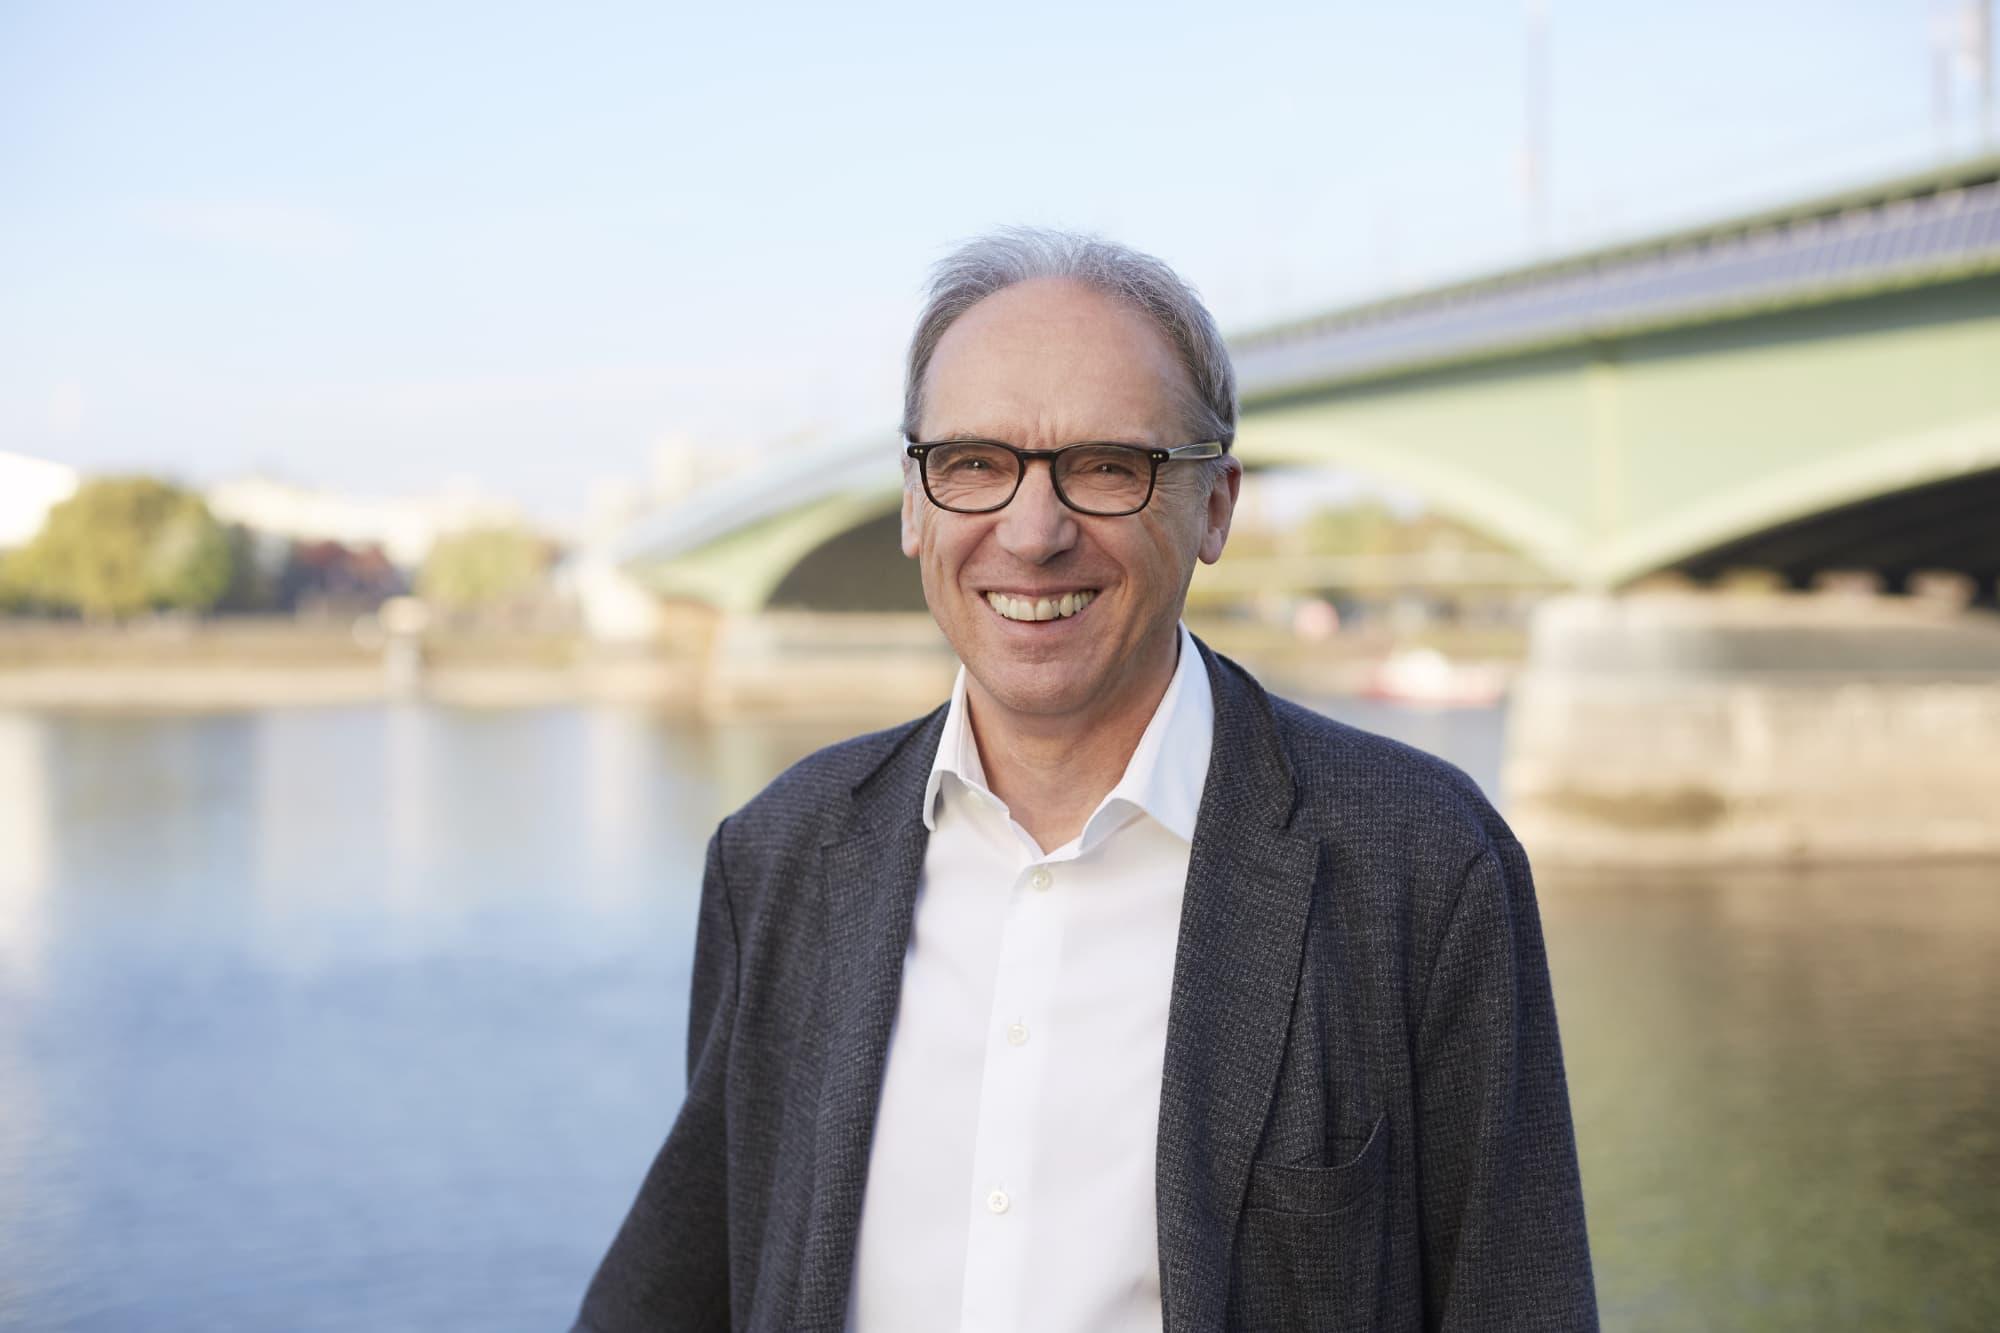 Werbefotografie Portrait von Steuerberater Michael Engels